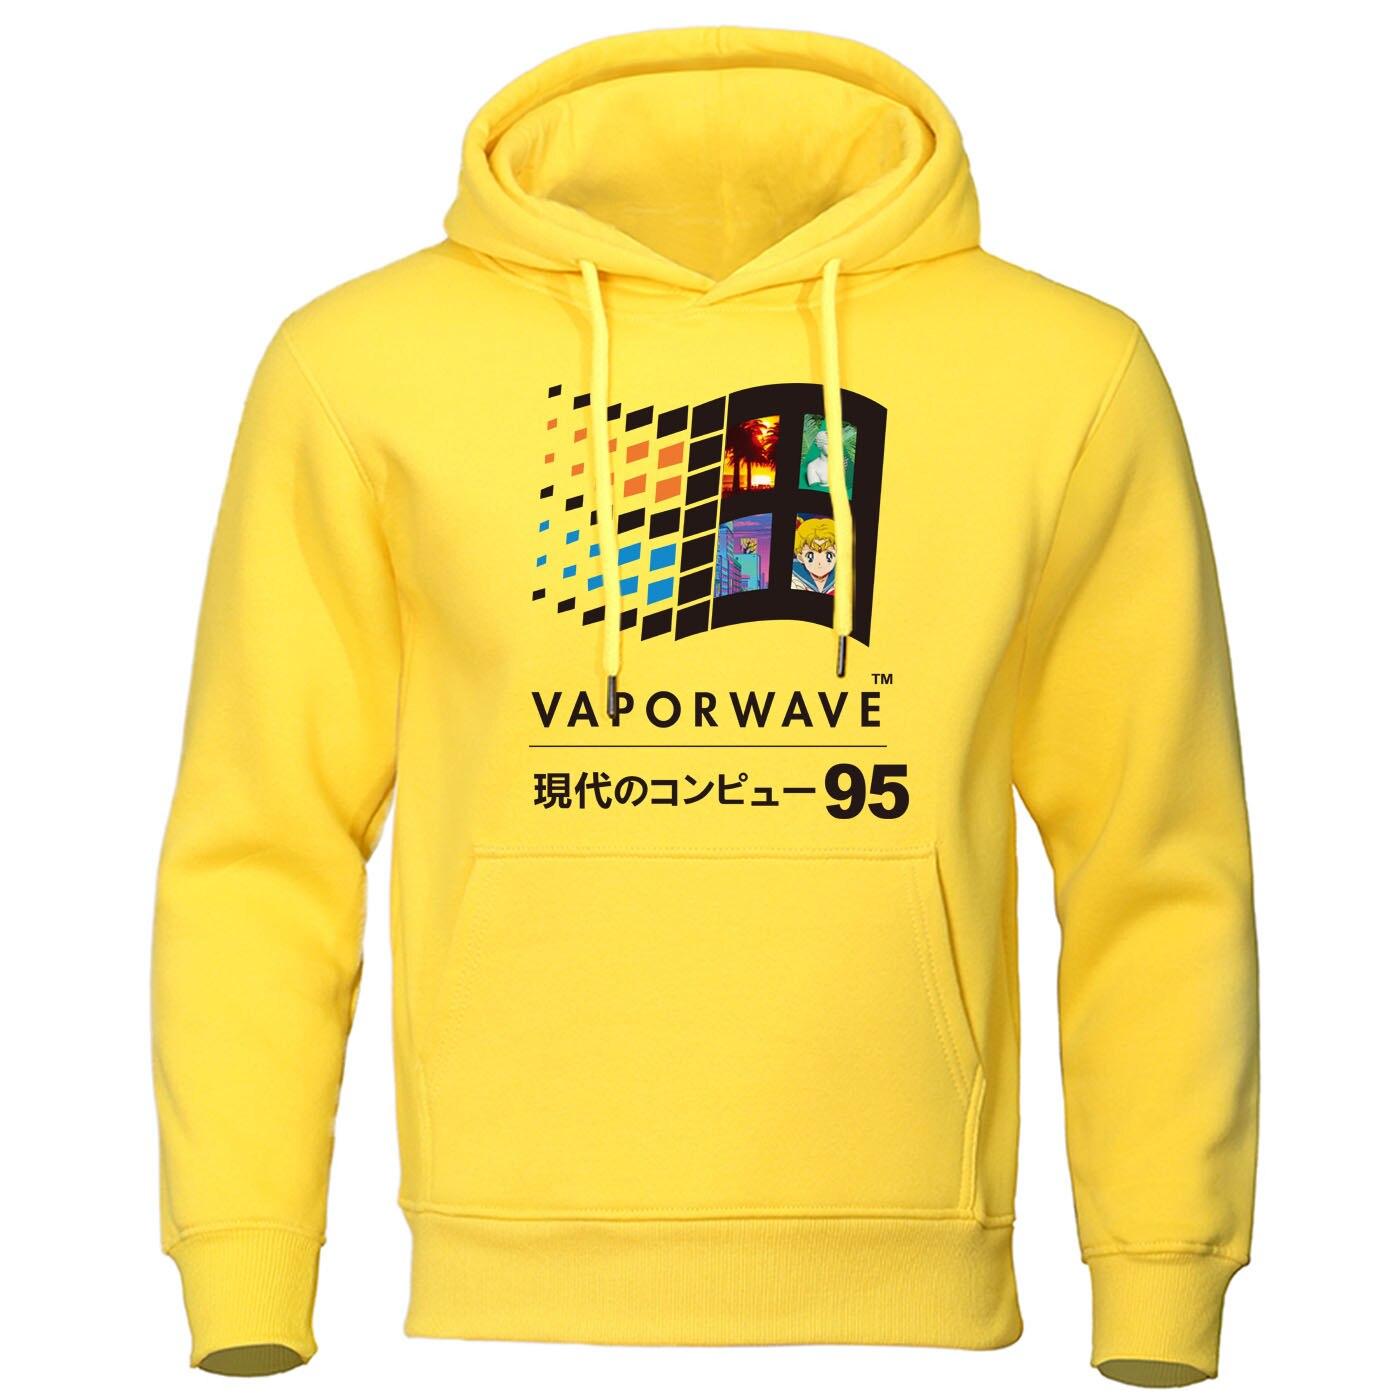 Japanese Anime Pullover Harajuku Streetwear Aesthetic Vaporwave Vintage Retro Men Hoodies Sweatshirt Mens Casual Hip Hop Hoody